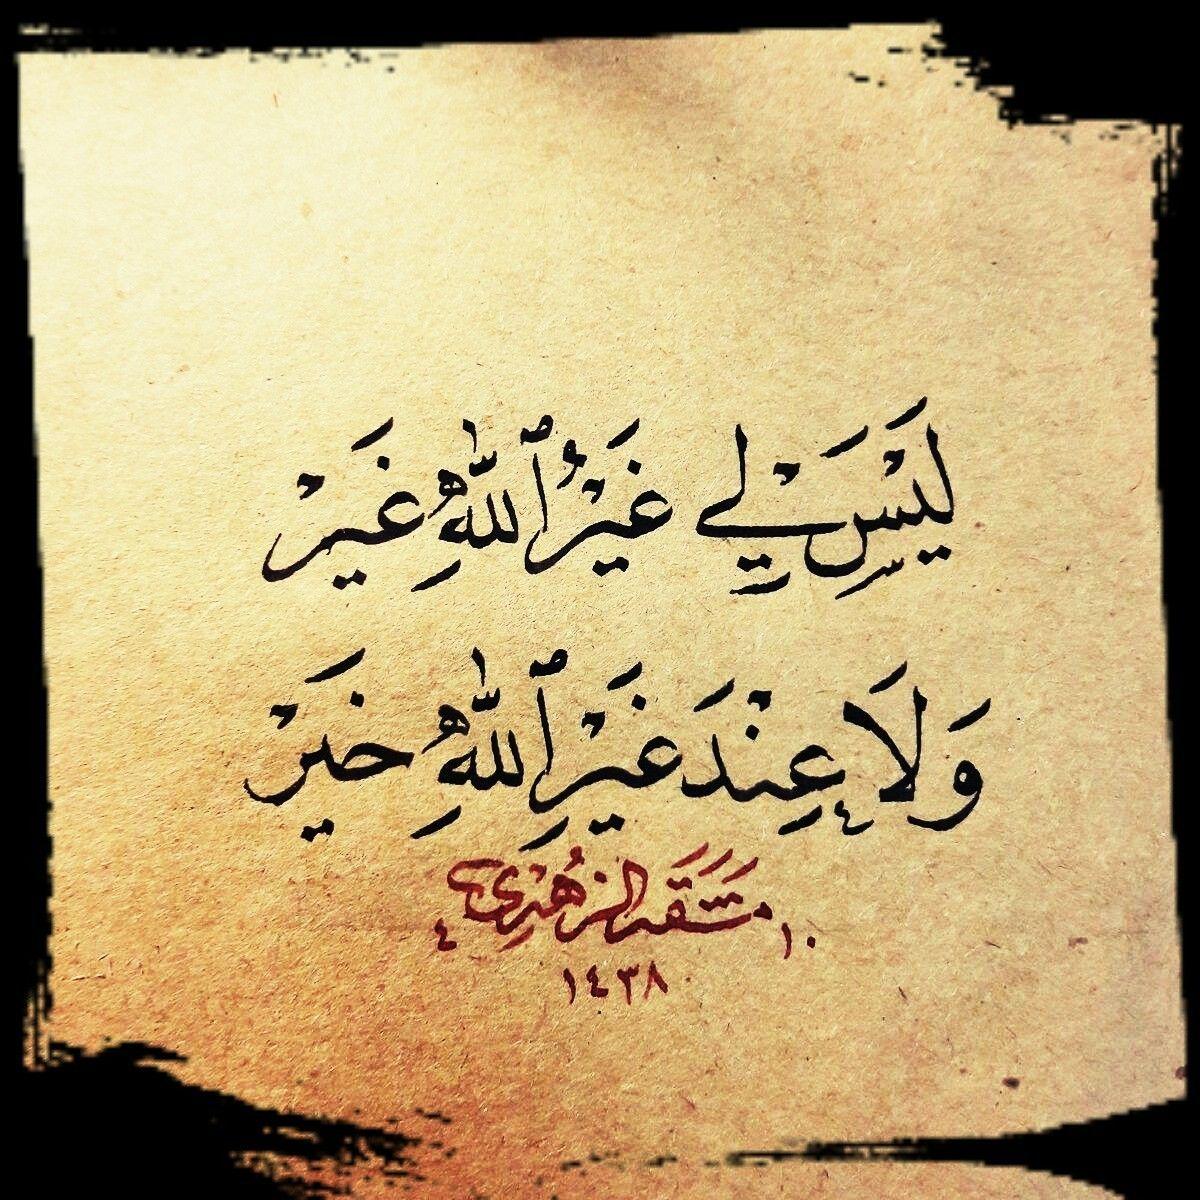 ليس لي غير الله غير ولا عند غير الله خير سبحان الله العظيم ما أصابك من حسنة فمن الله Islamic Quotes Quran Islamic Quotes Quotes